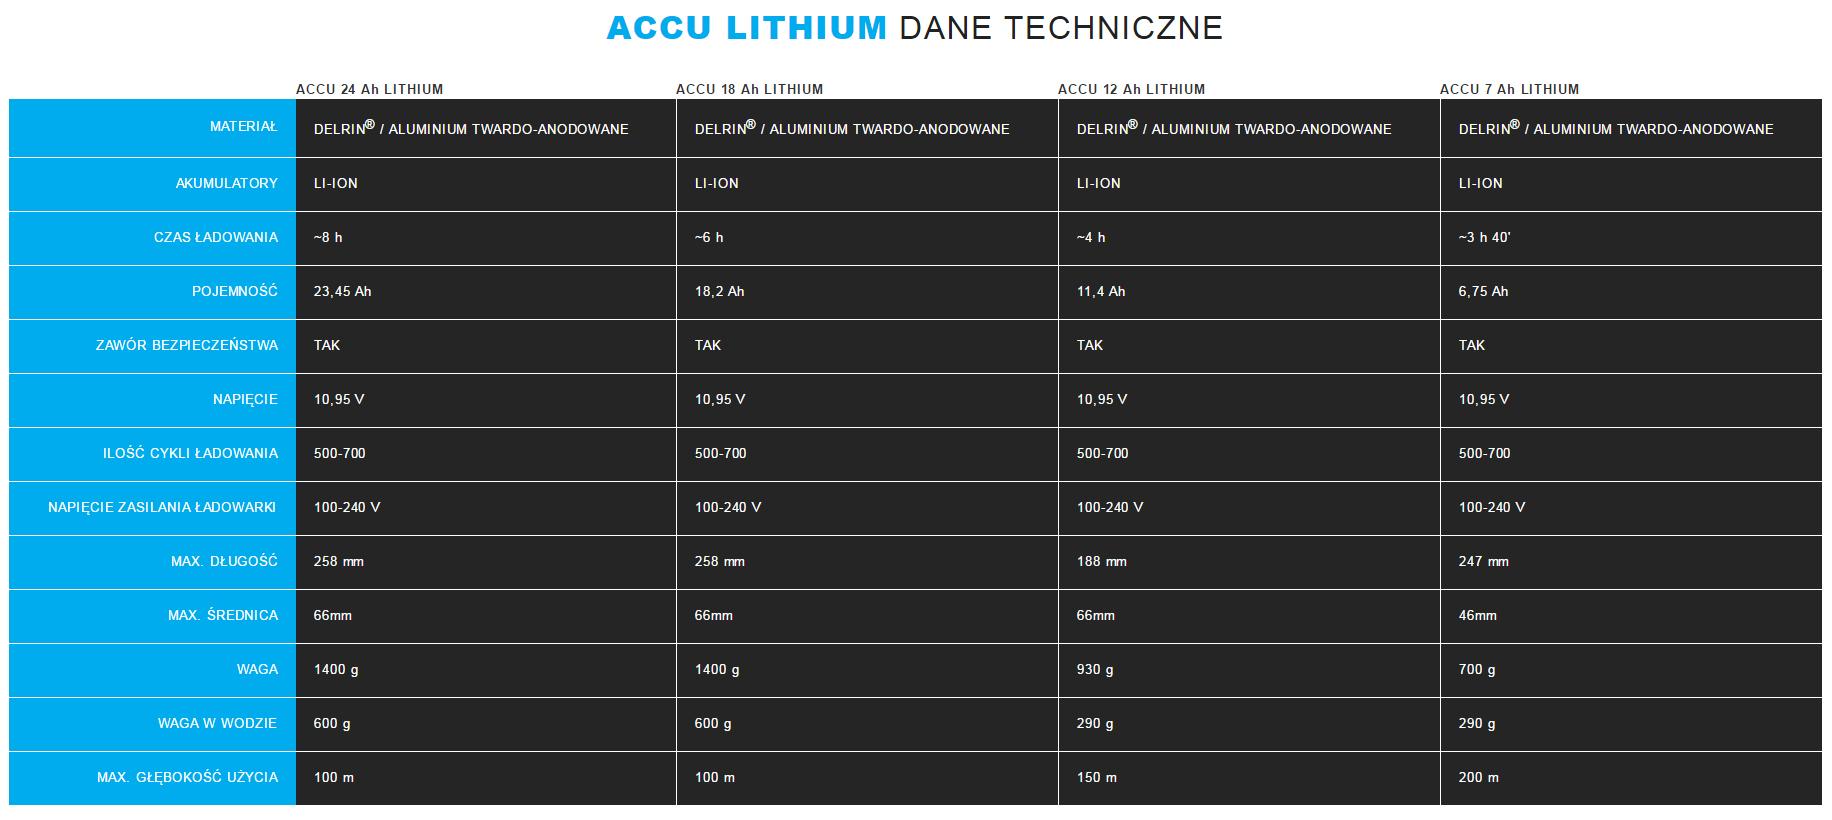 AMMONITE Specyfikacja techniczna akumulatorów